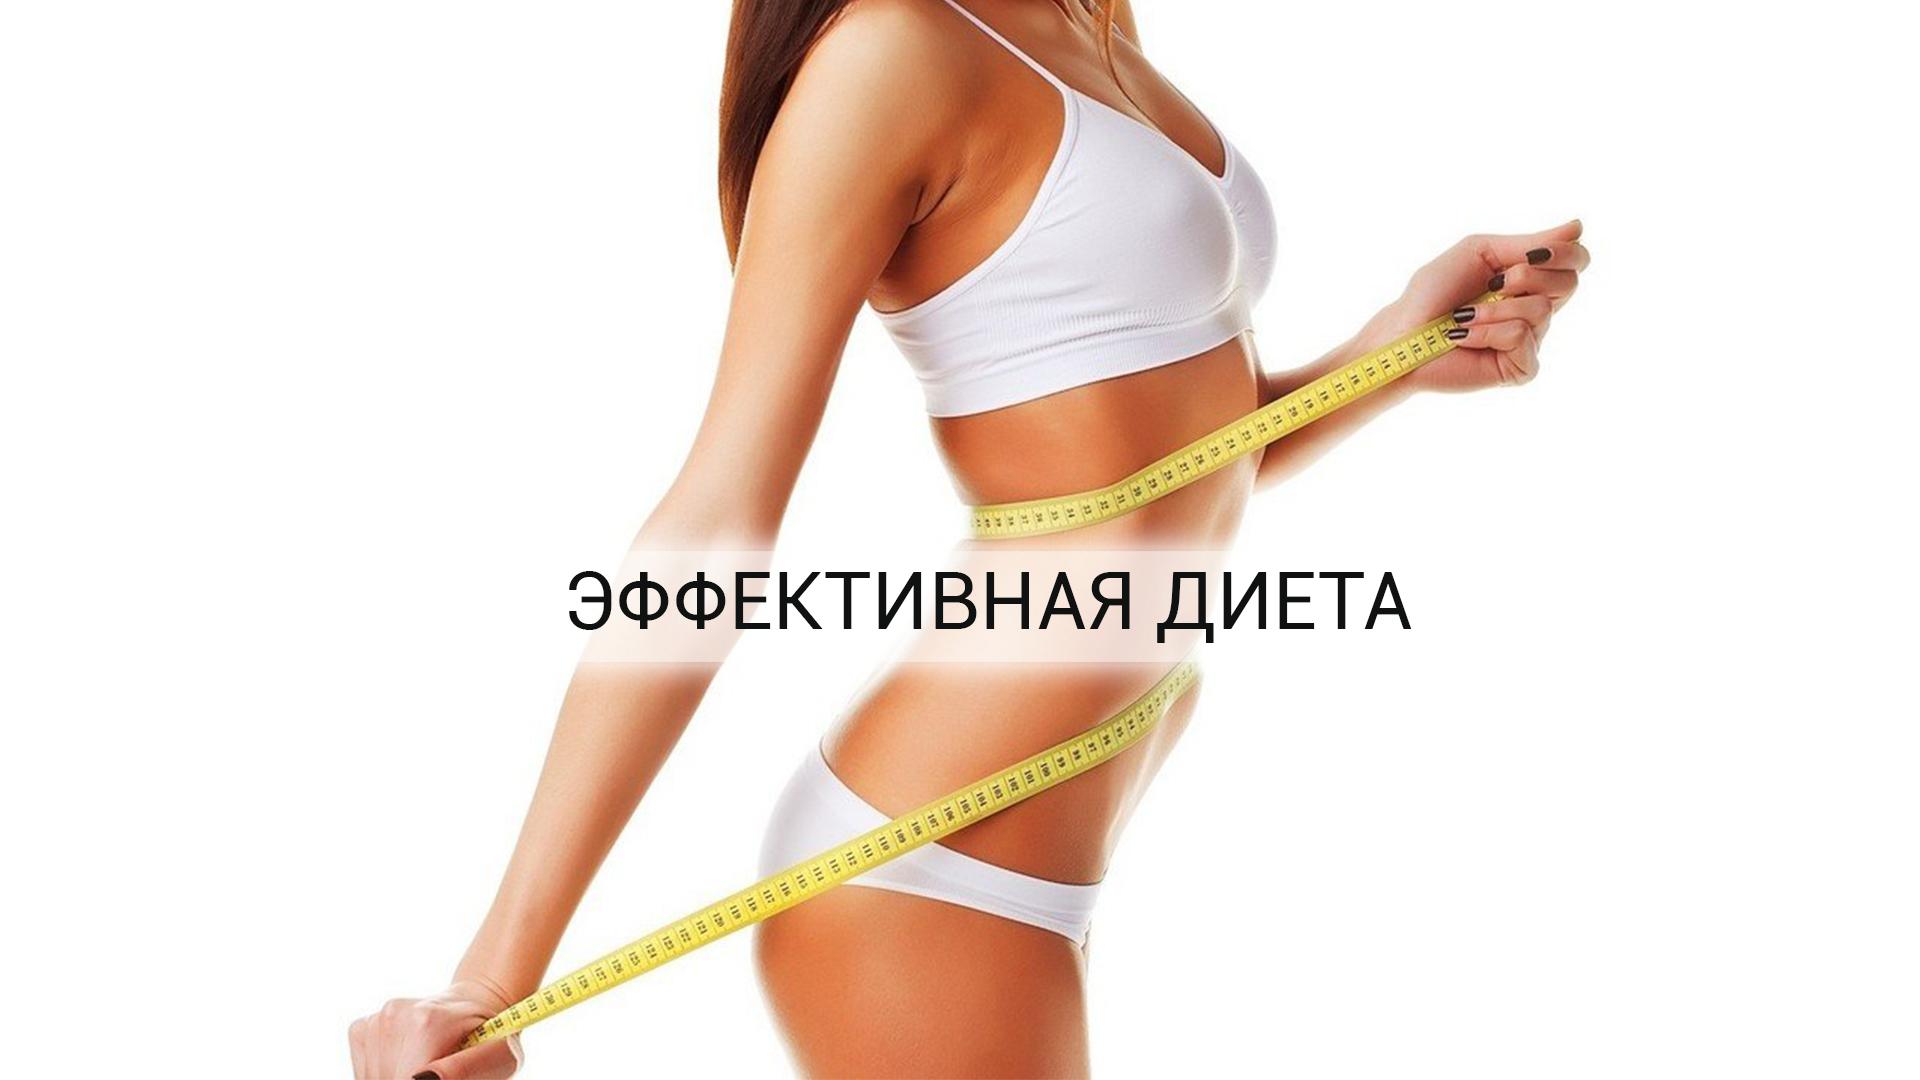 Эффективная и правильная диета